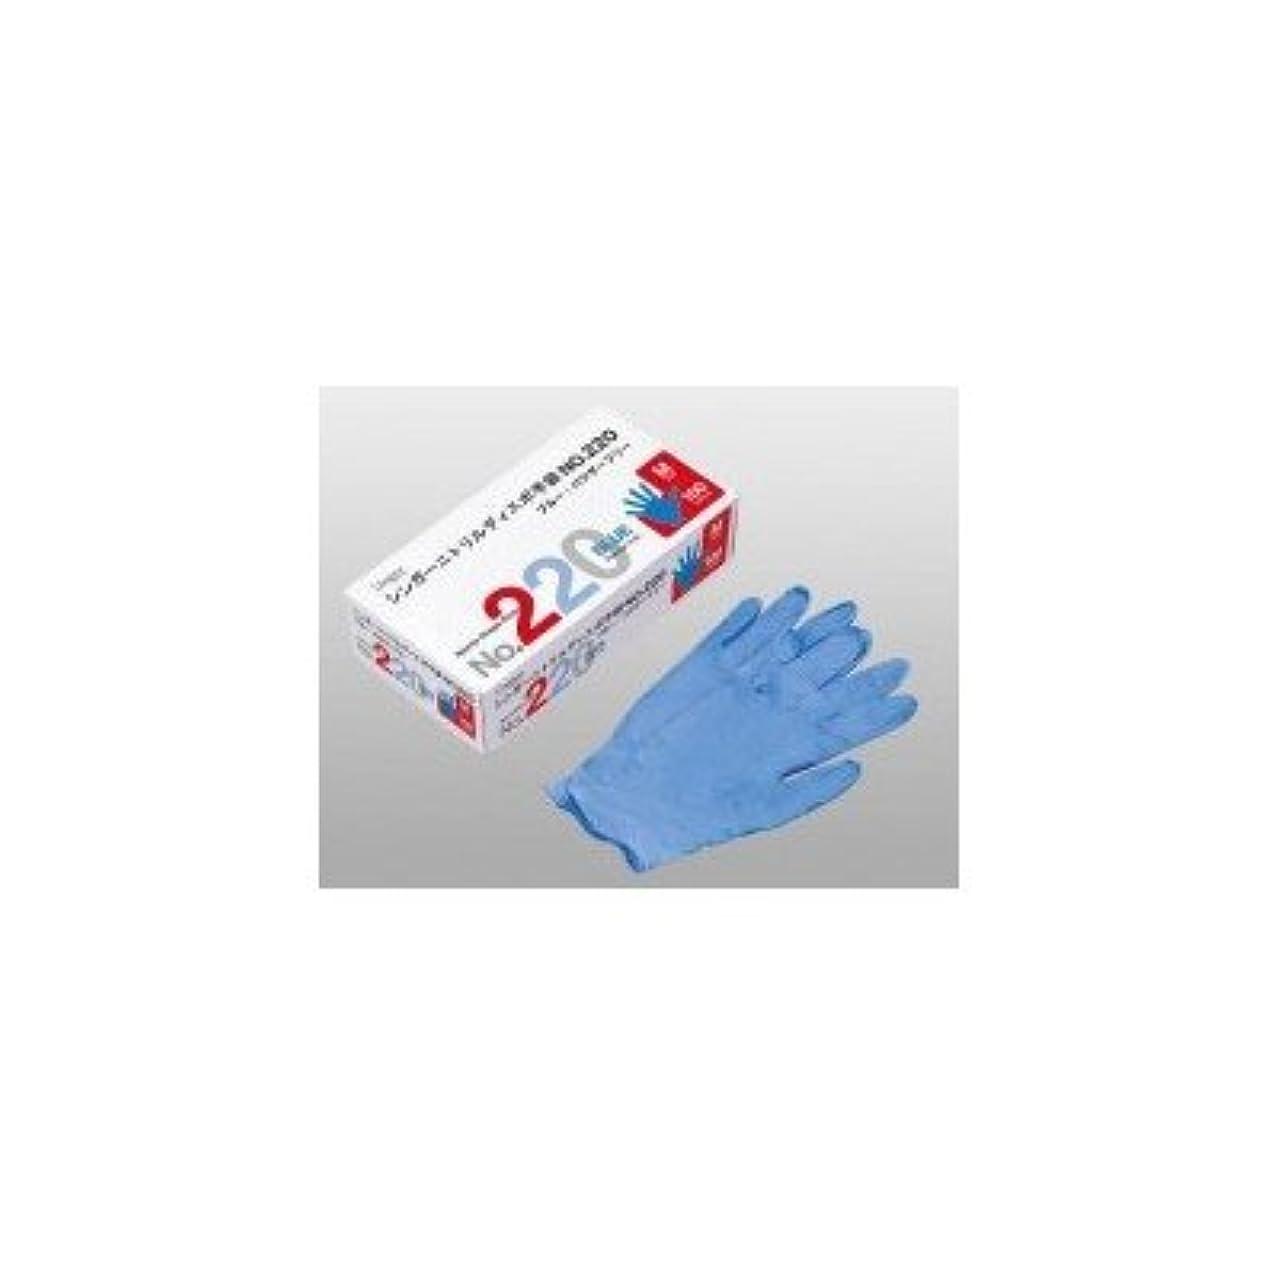 ガス頑固な粘着性シンガーニトリルディスポ手袋 No.220 ブルー パウダーフリー(100枚) M( 画像はイメージ画像です お届けの商品はMのみとなります)